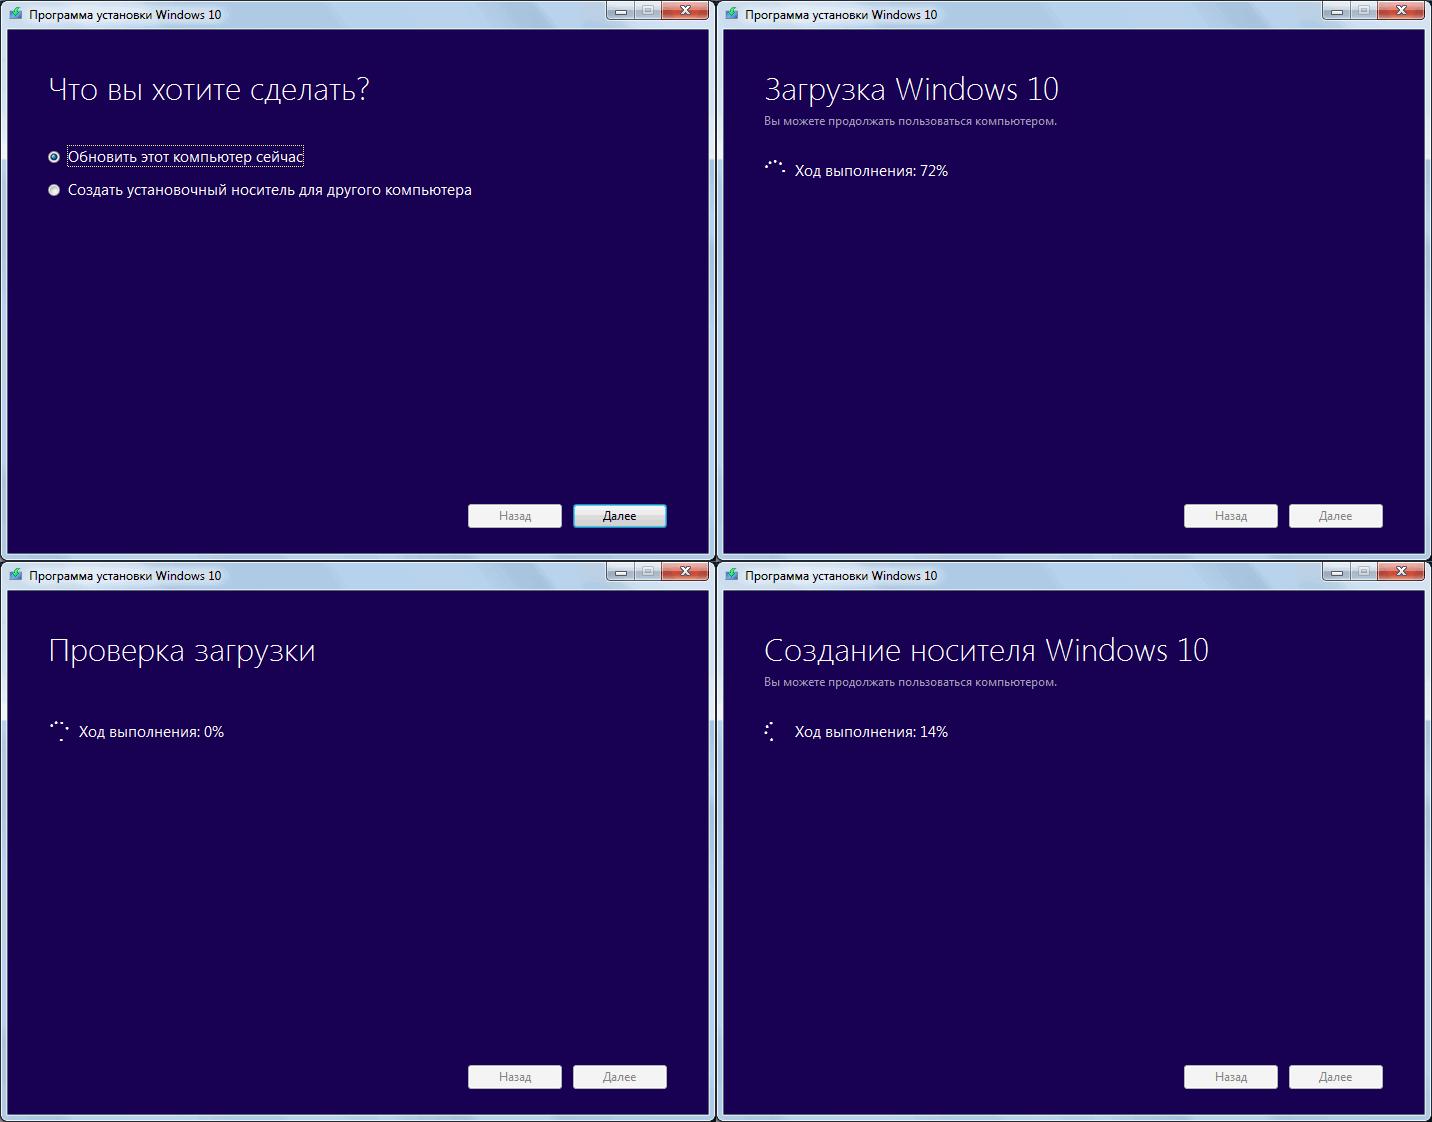 Как обновить систему Windows 7 до Windows 10 бесплатно